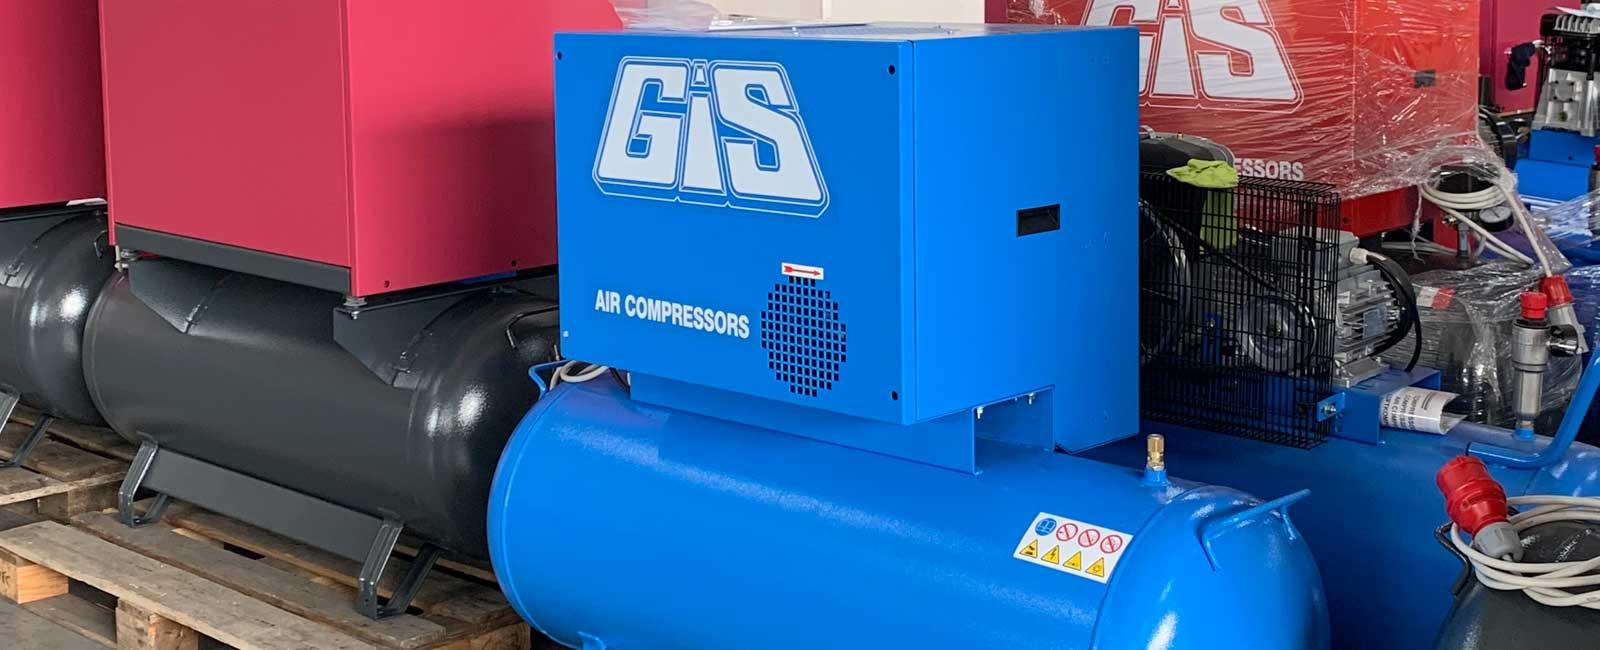 Assistenza-per-riparazione-macchine-aria-compressa